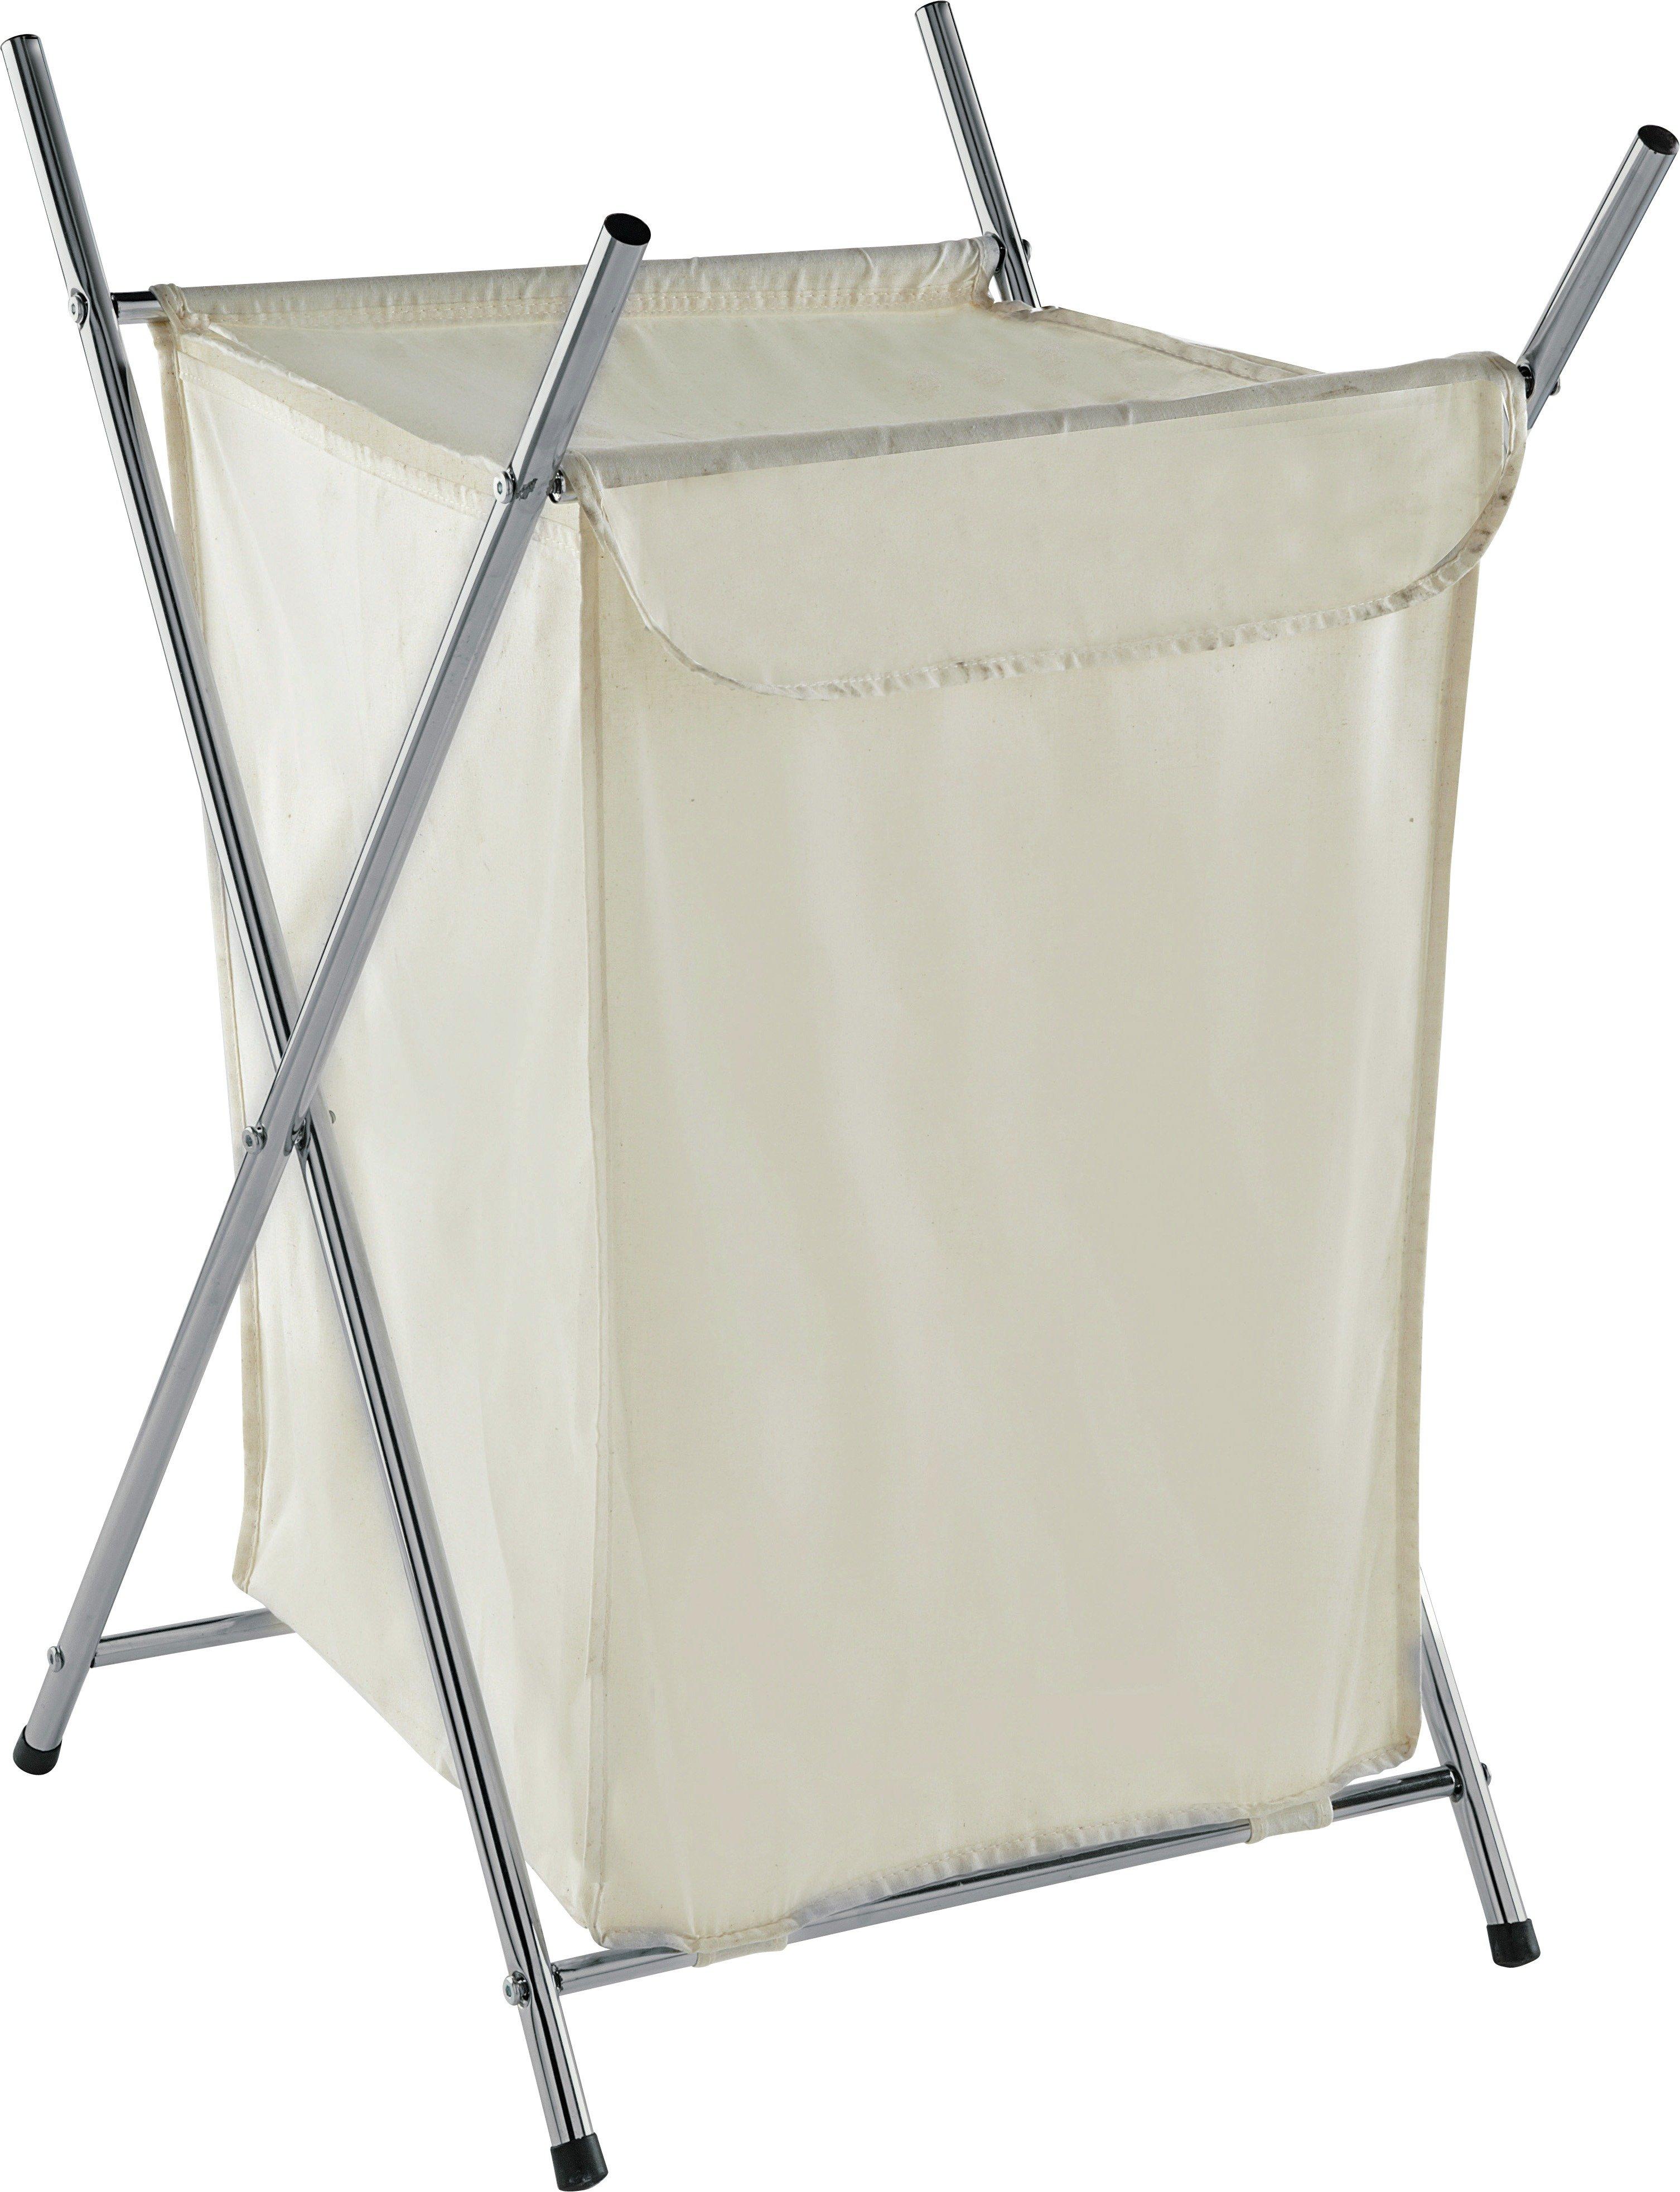 Argos Home 75 Litre Chrome Folding Laundry Basket review